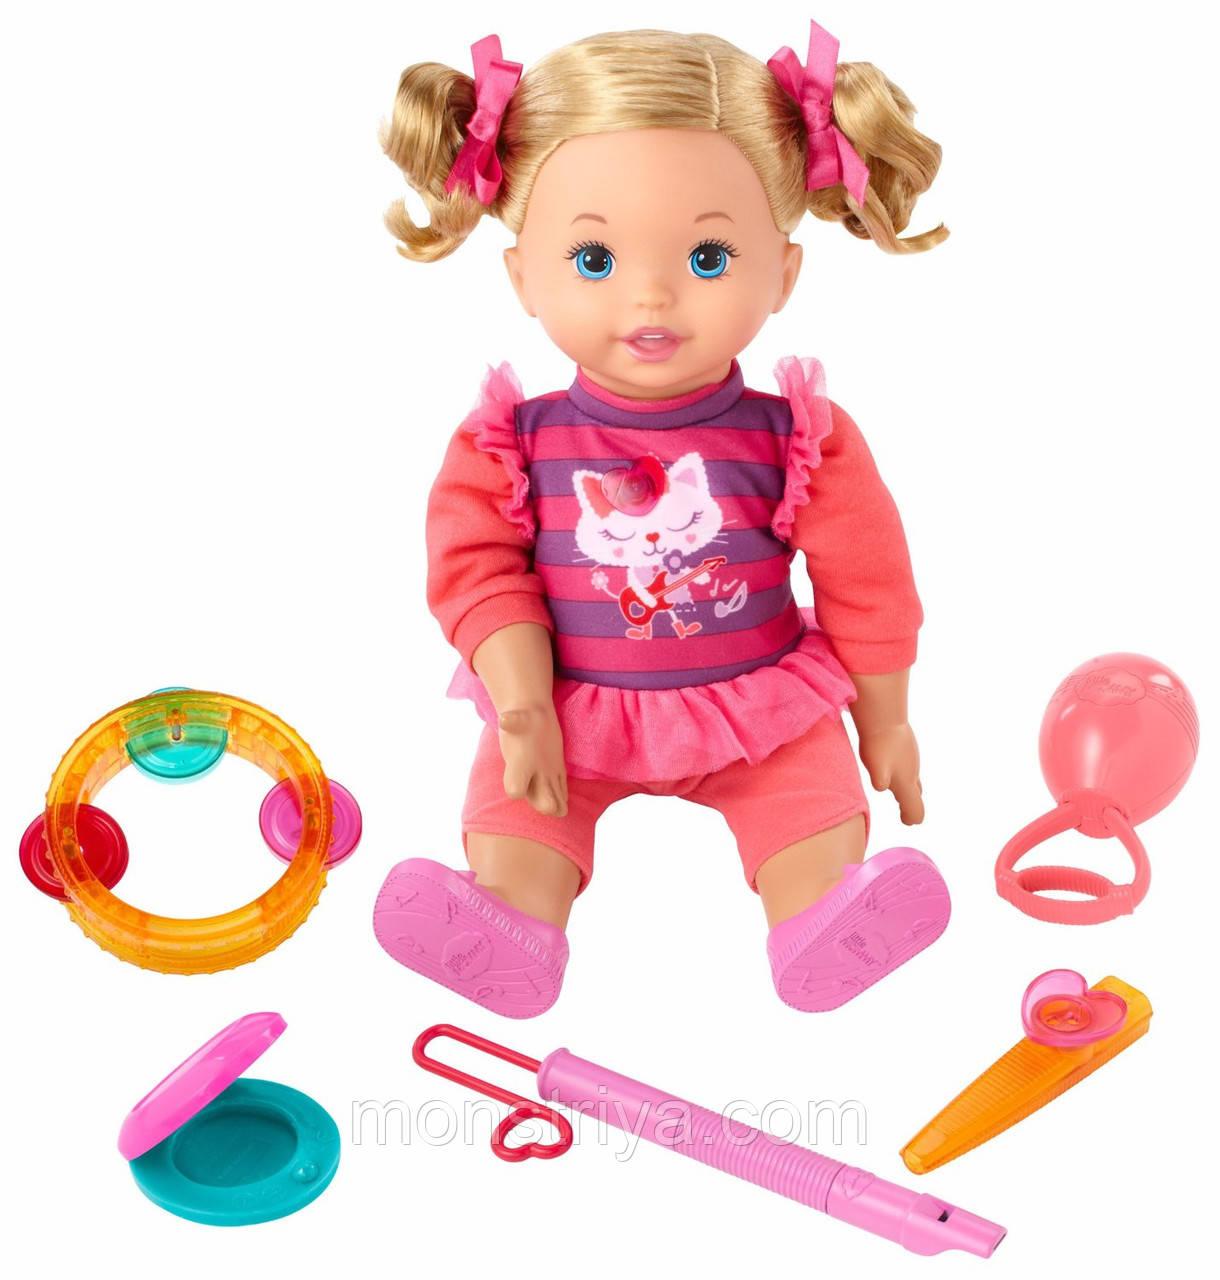 Интерактивная кукла Давай создавать музыку   Little Mommy Let's Make Music Doll